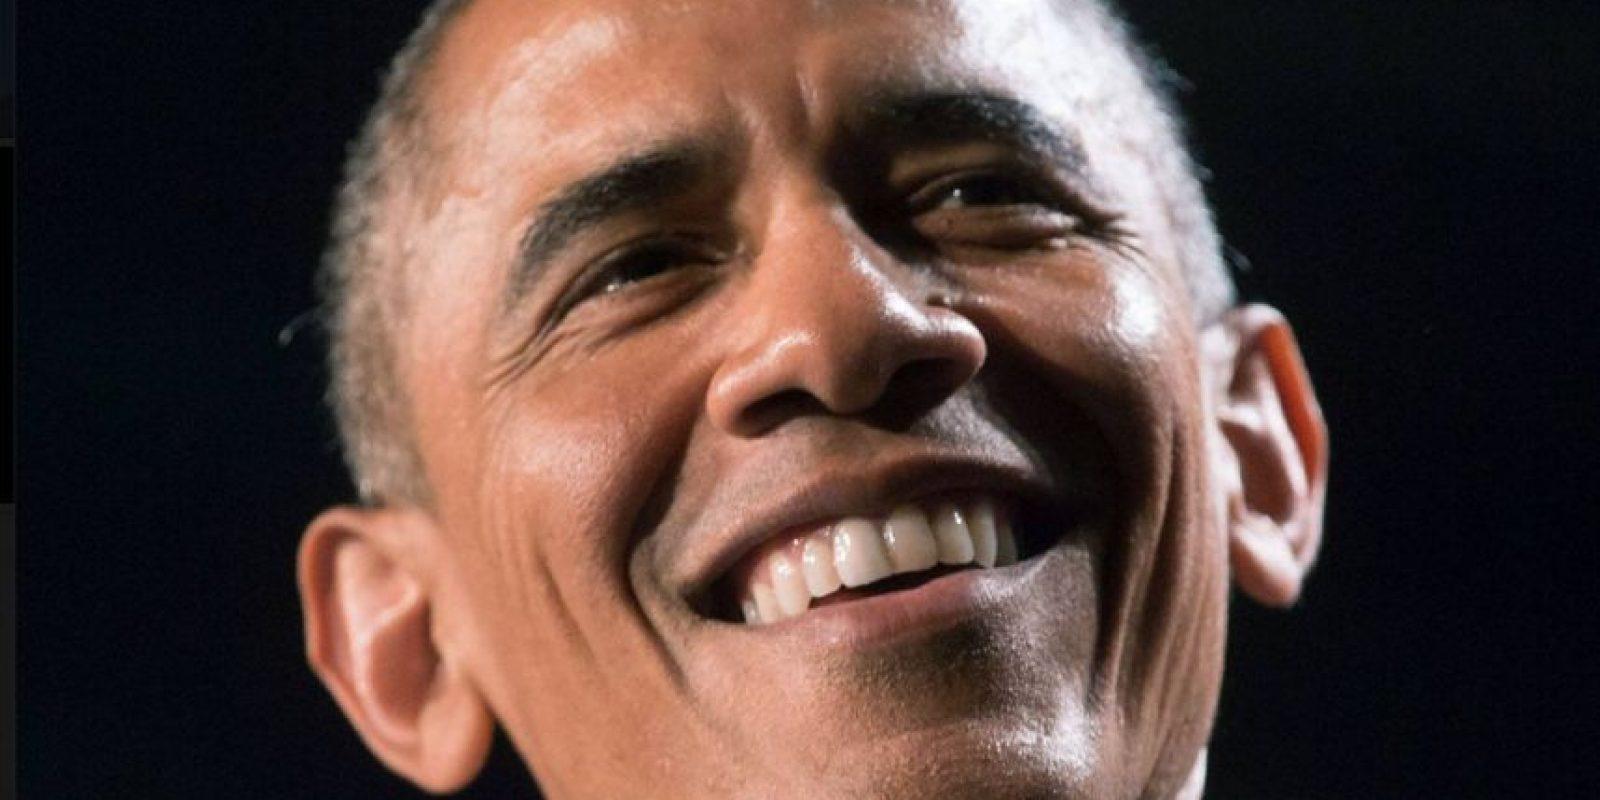 Esta fue la foto que eligió Barack Obama para su perfil Foto:Vía facebook.com/potus